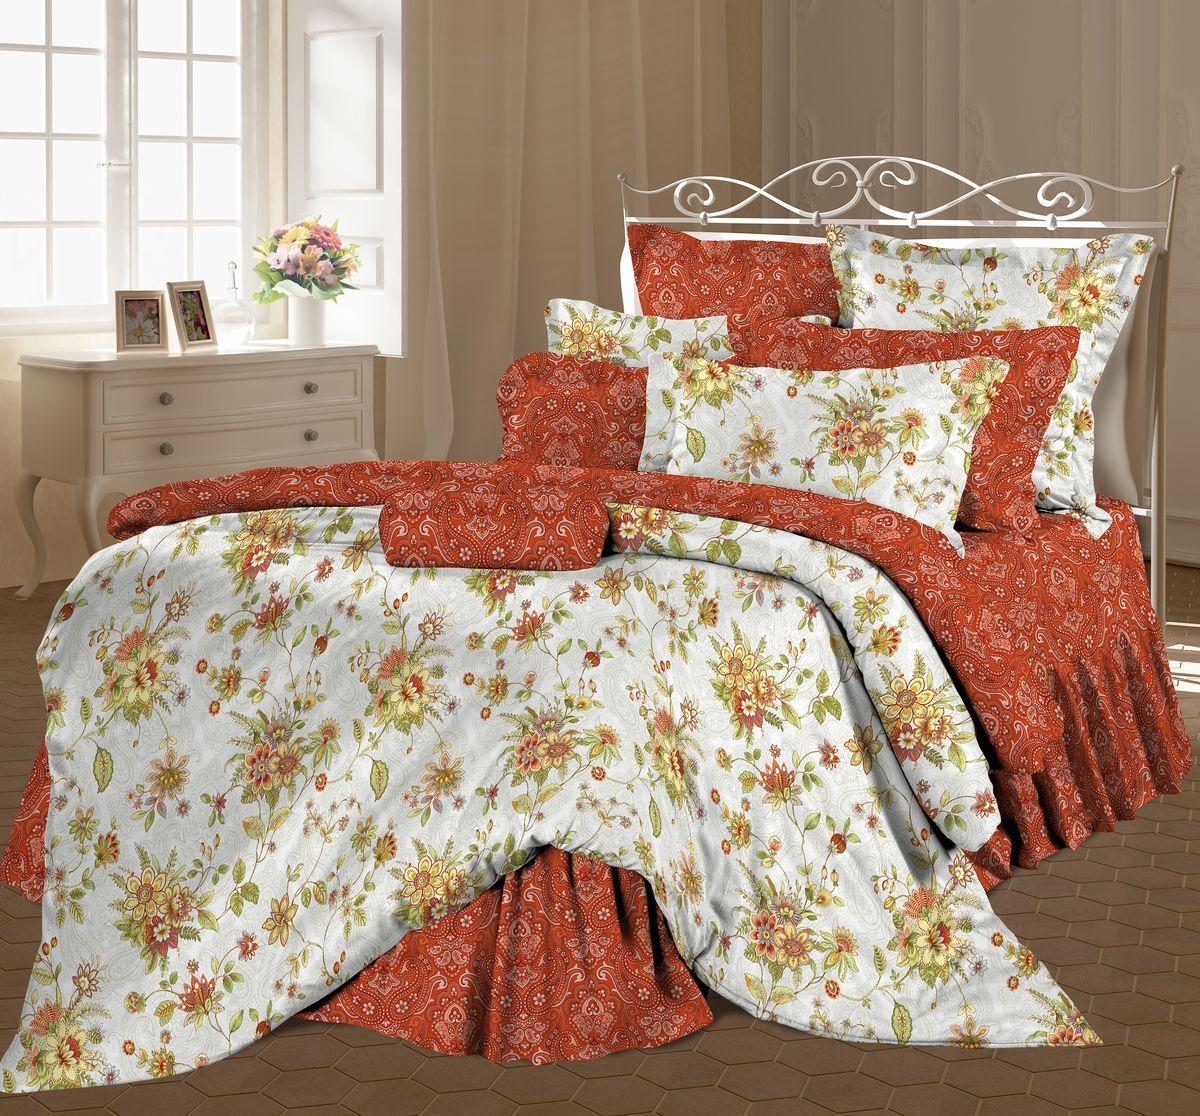 Комплект белья Романтика Клер, семейный, наволочки 70 x 70, цвет: коричнево-красный. 325267325267